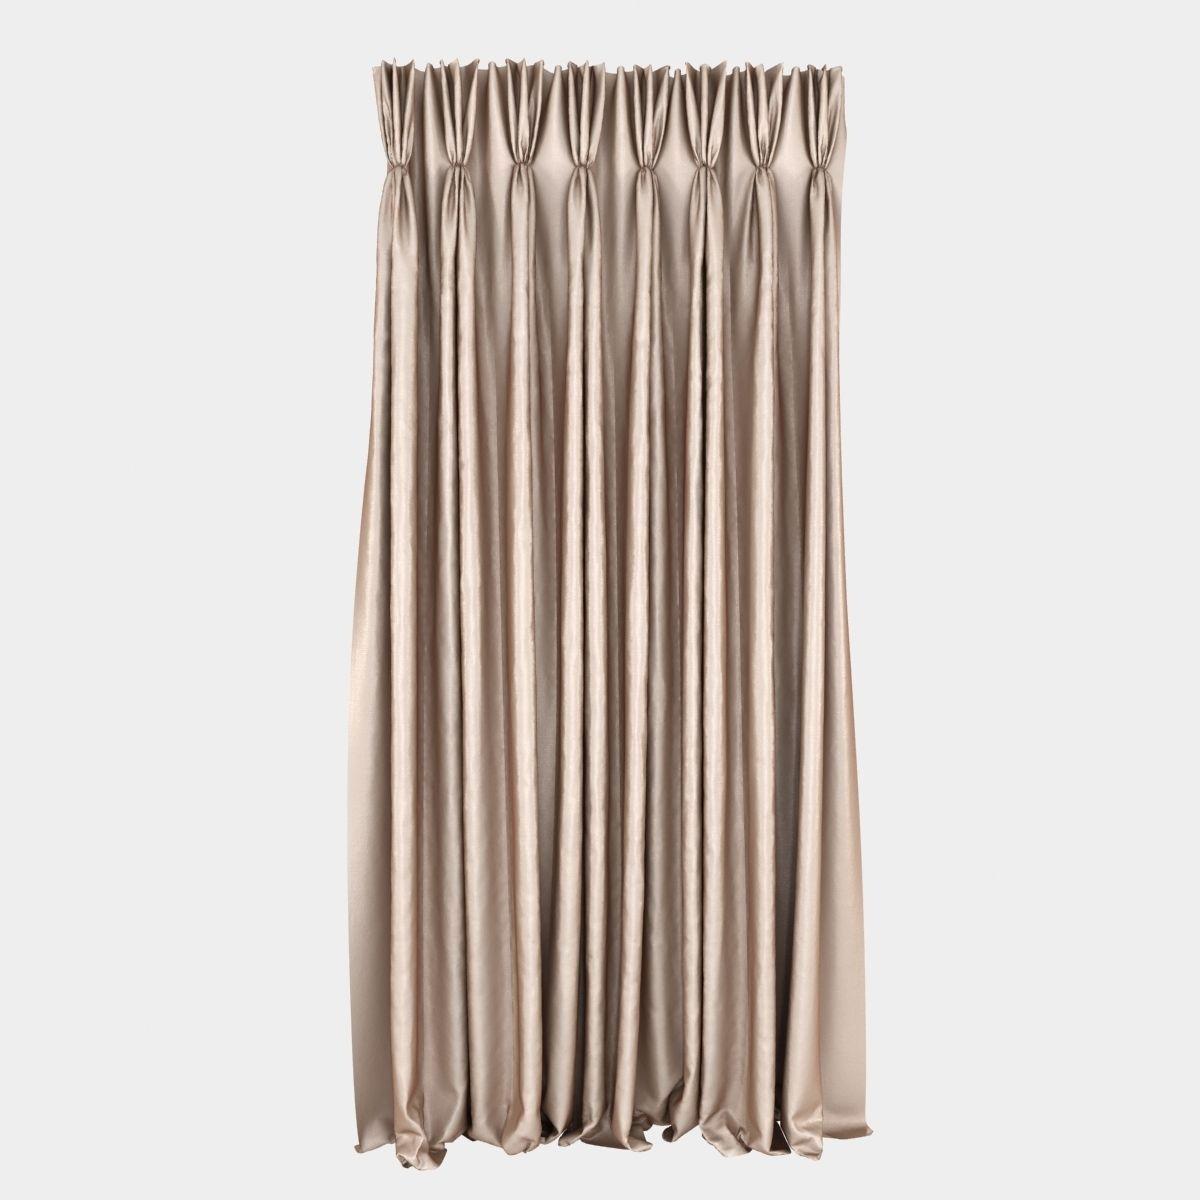 Pinch Pleat Curtain 3d Model Max Obj Fbx Mtl Unitypackage 1